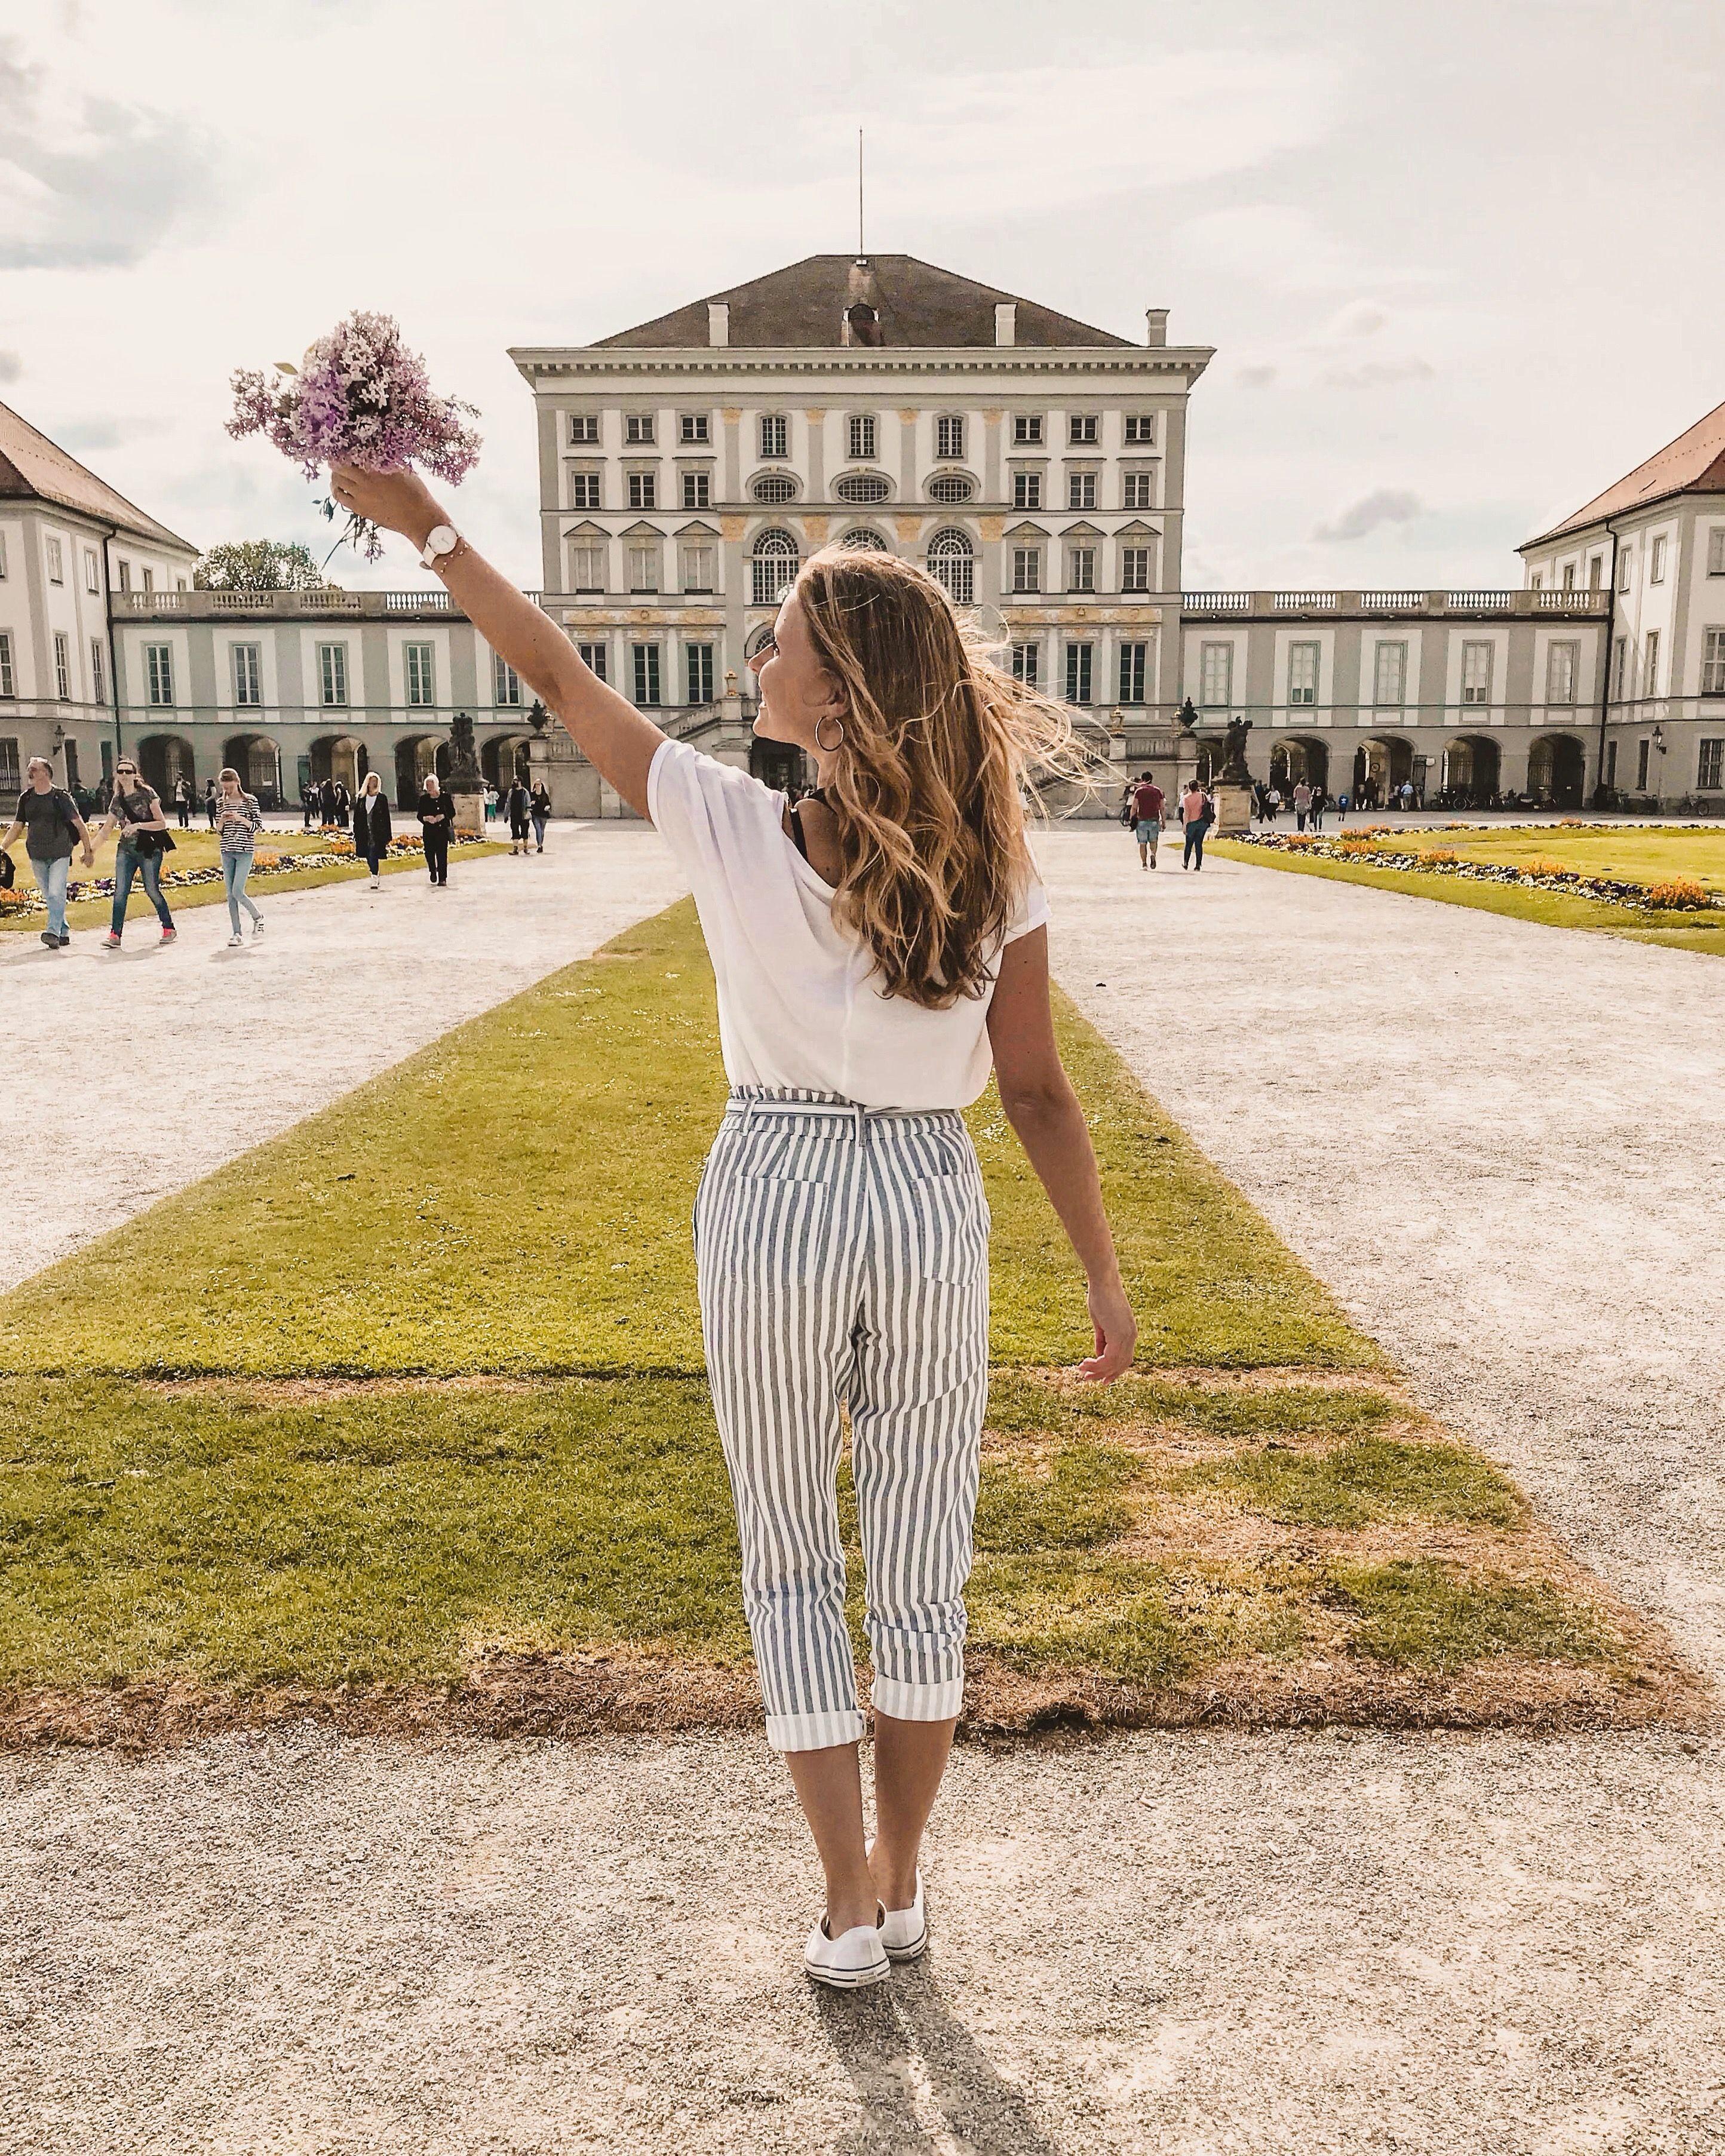 Schloss Schloss Nymphenburg Munchen Munich Blumen Blumenstrauss Fashion Outfit Look Instagram Inspiration Inspo Sommeroutfit Som Fashion Lover Munich Fashion